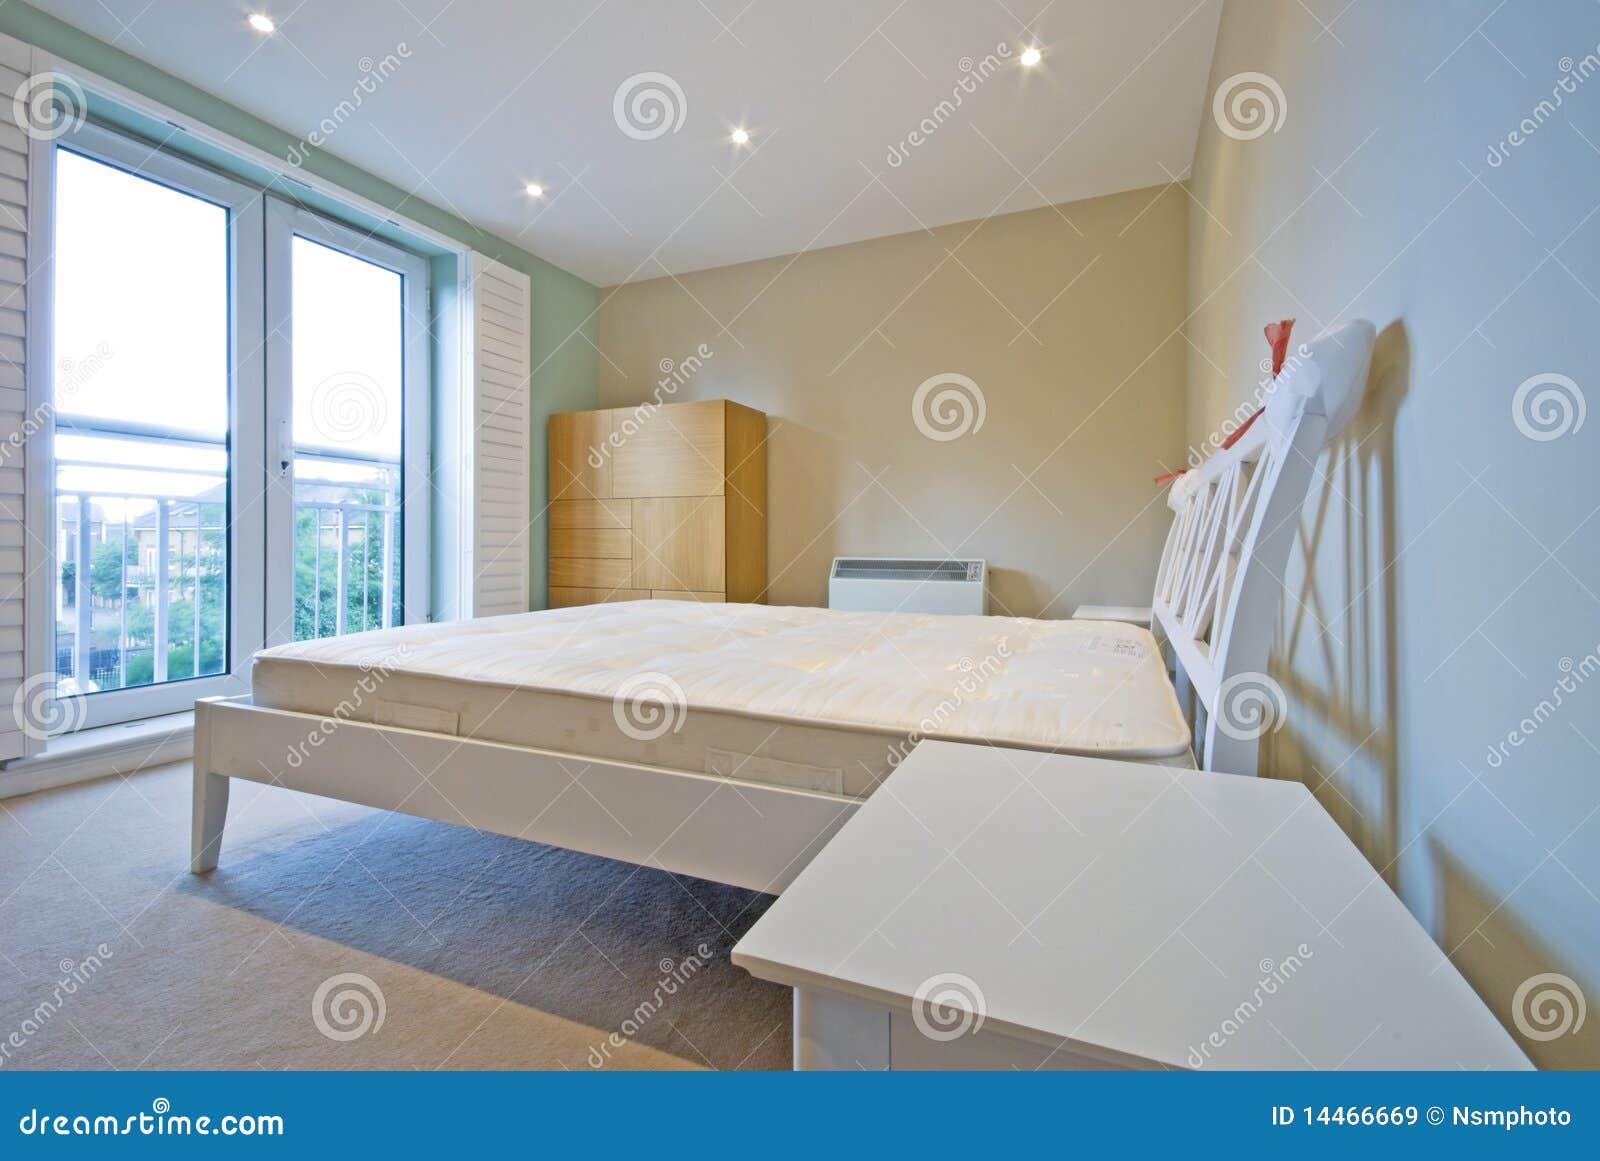 Camera da letto moderna nel bianco con mobilia semplice immagine stock immagine di shrink - Pavimento camera da letto ...